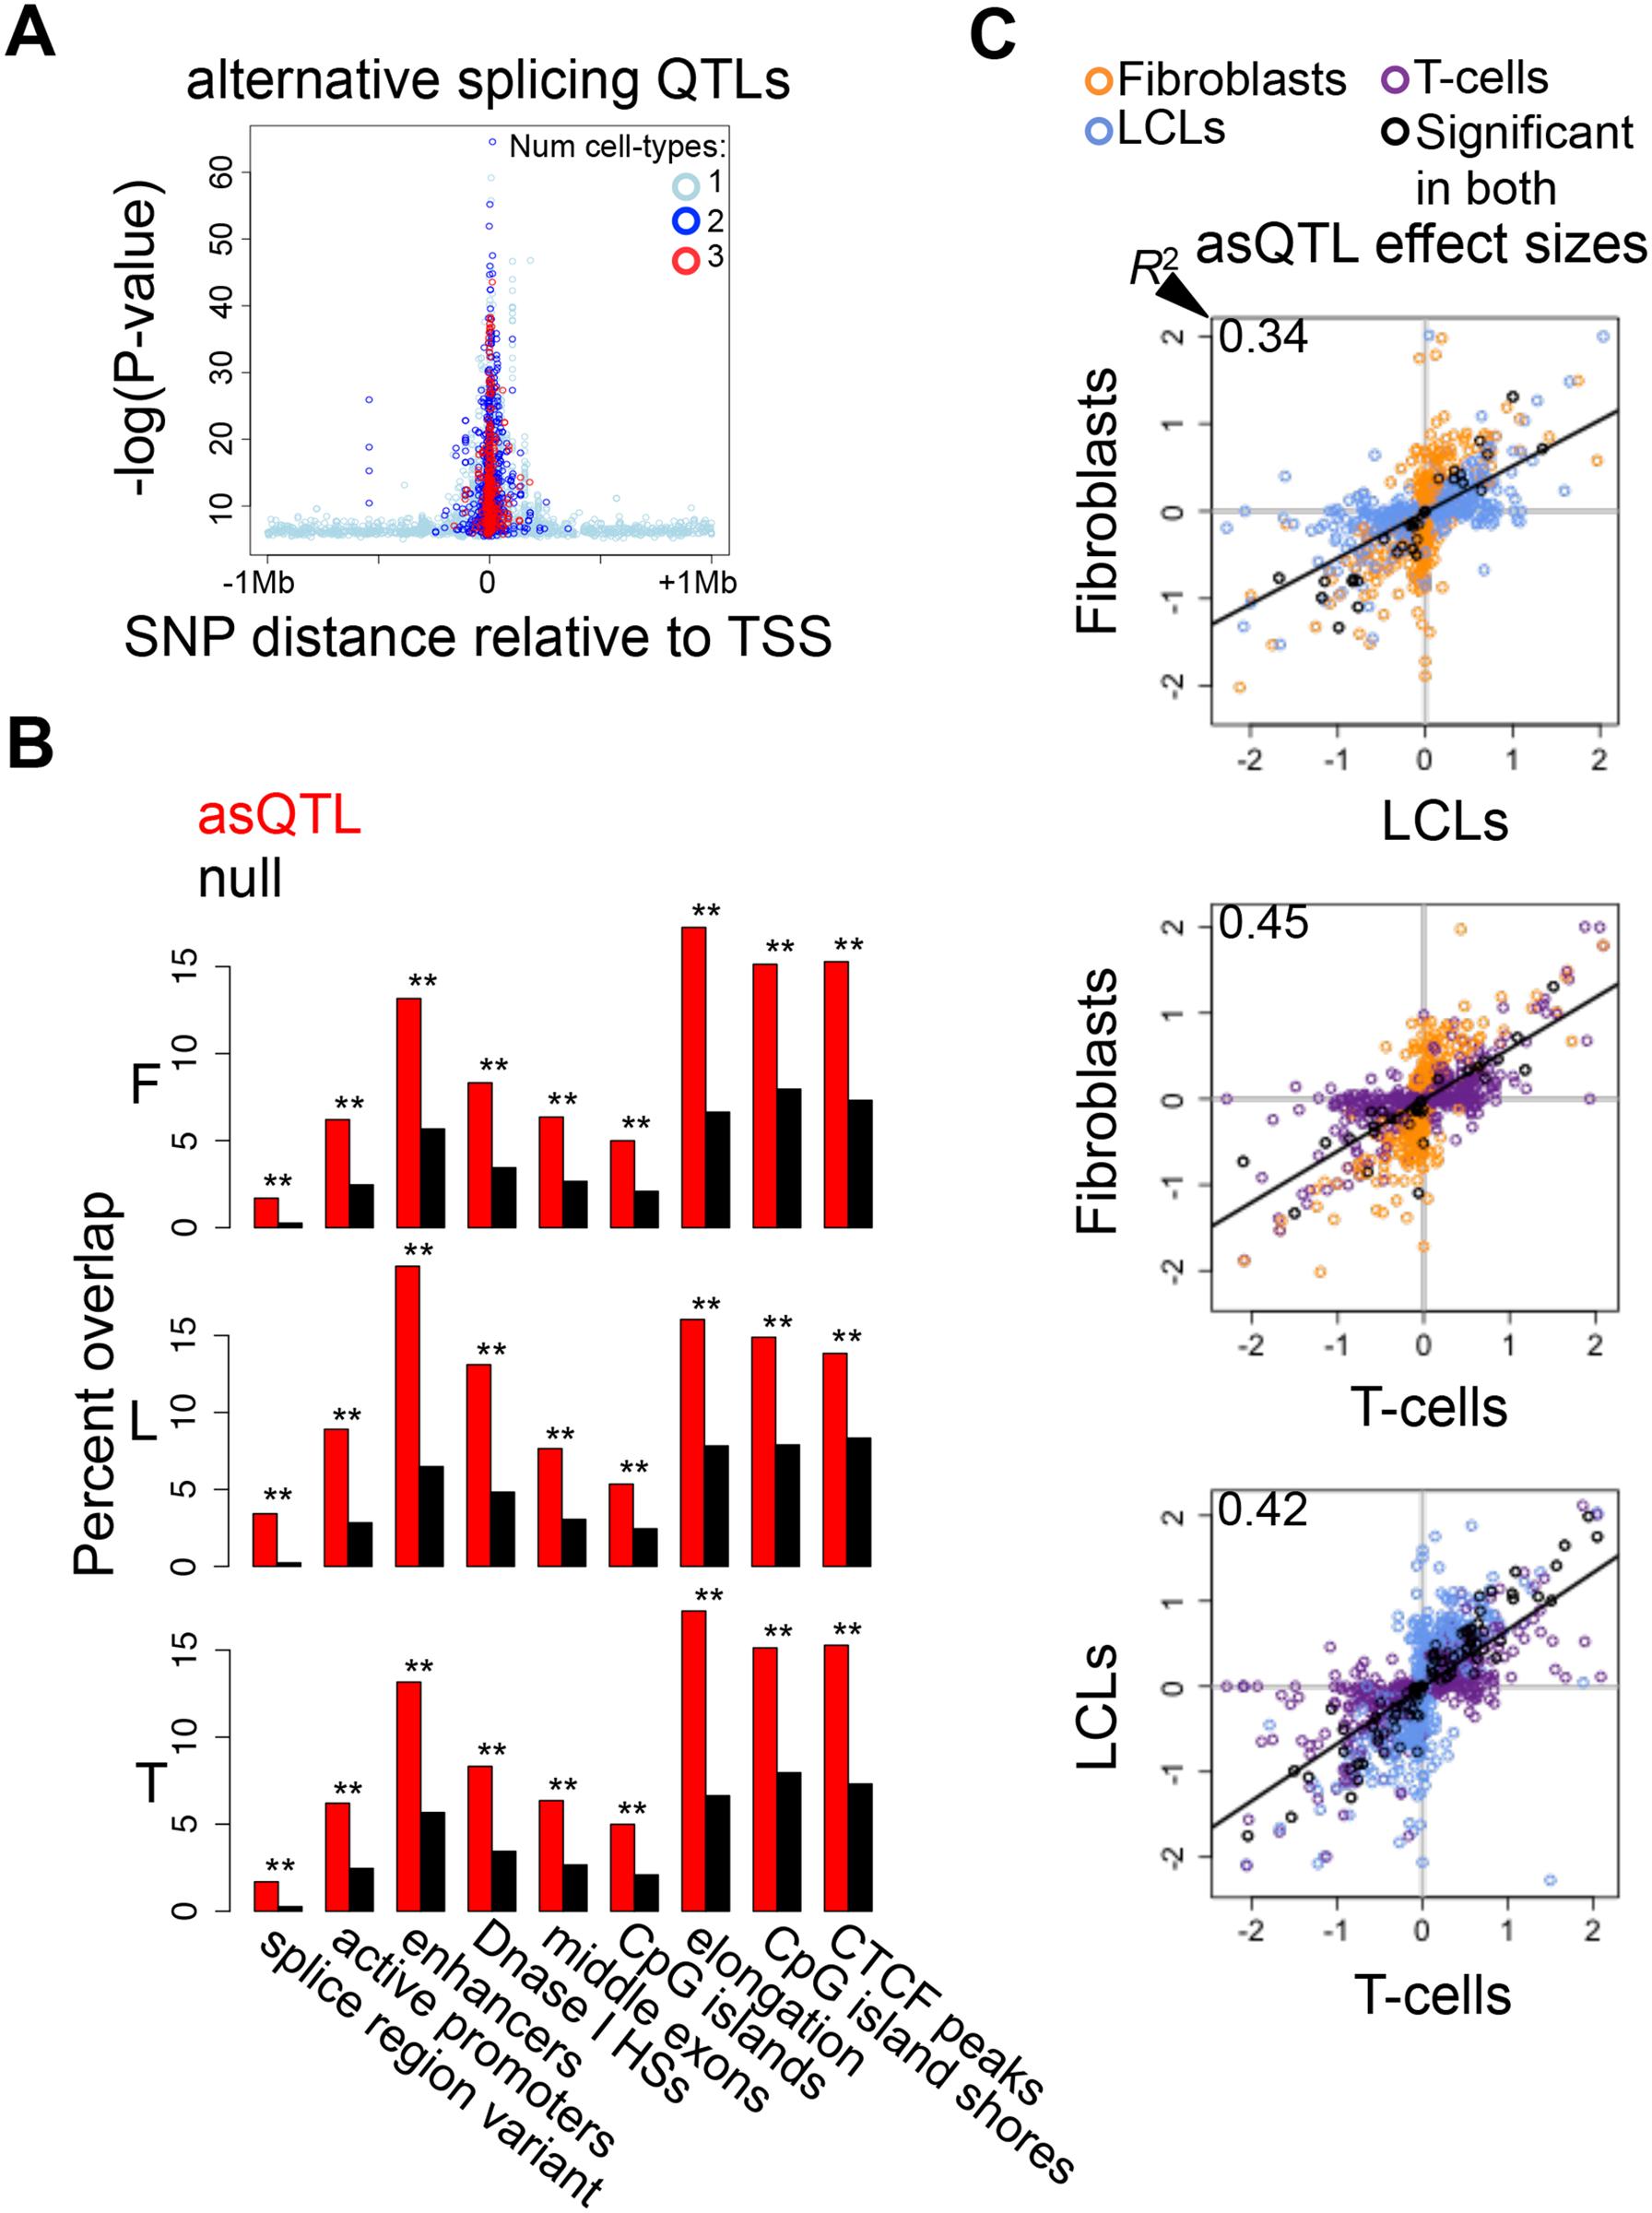 Genetic effects on alternative splicing.